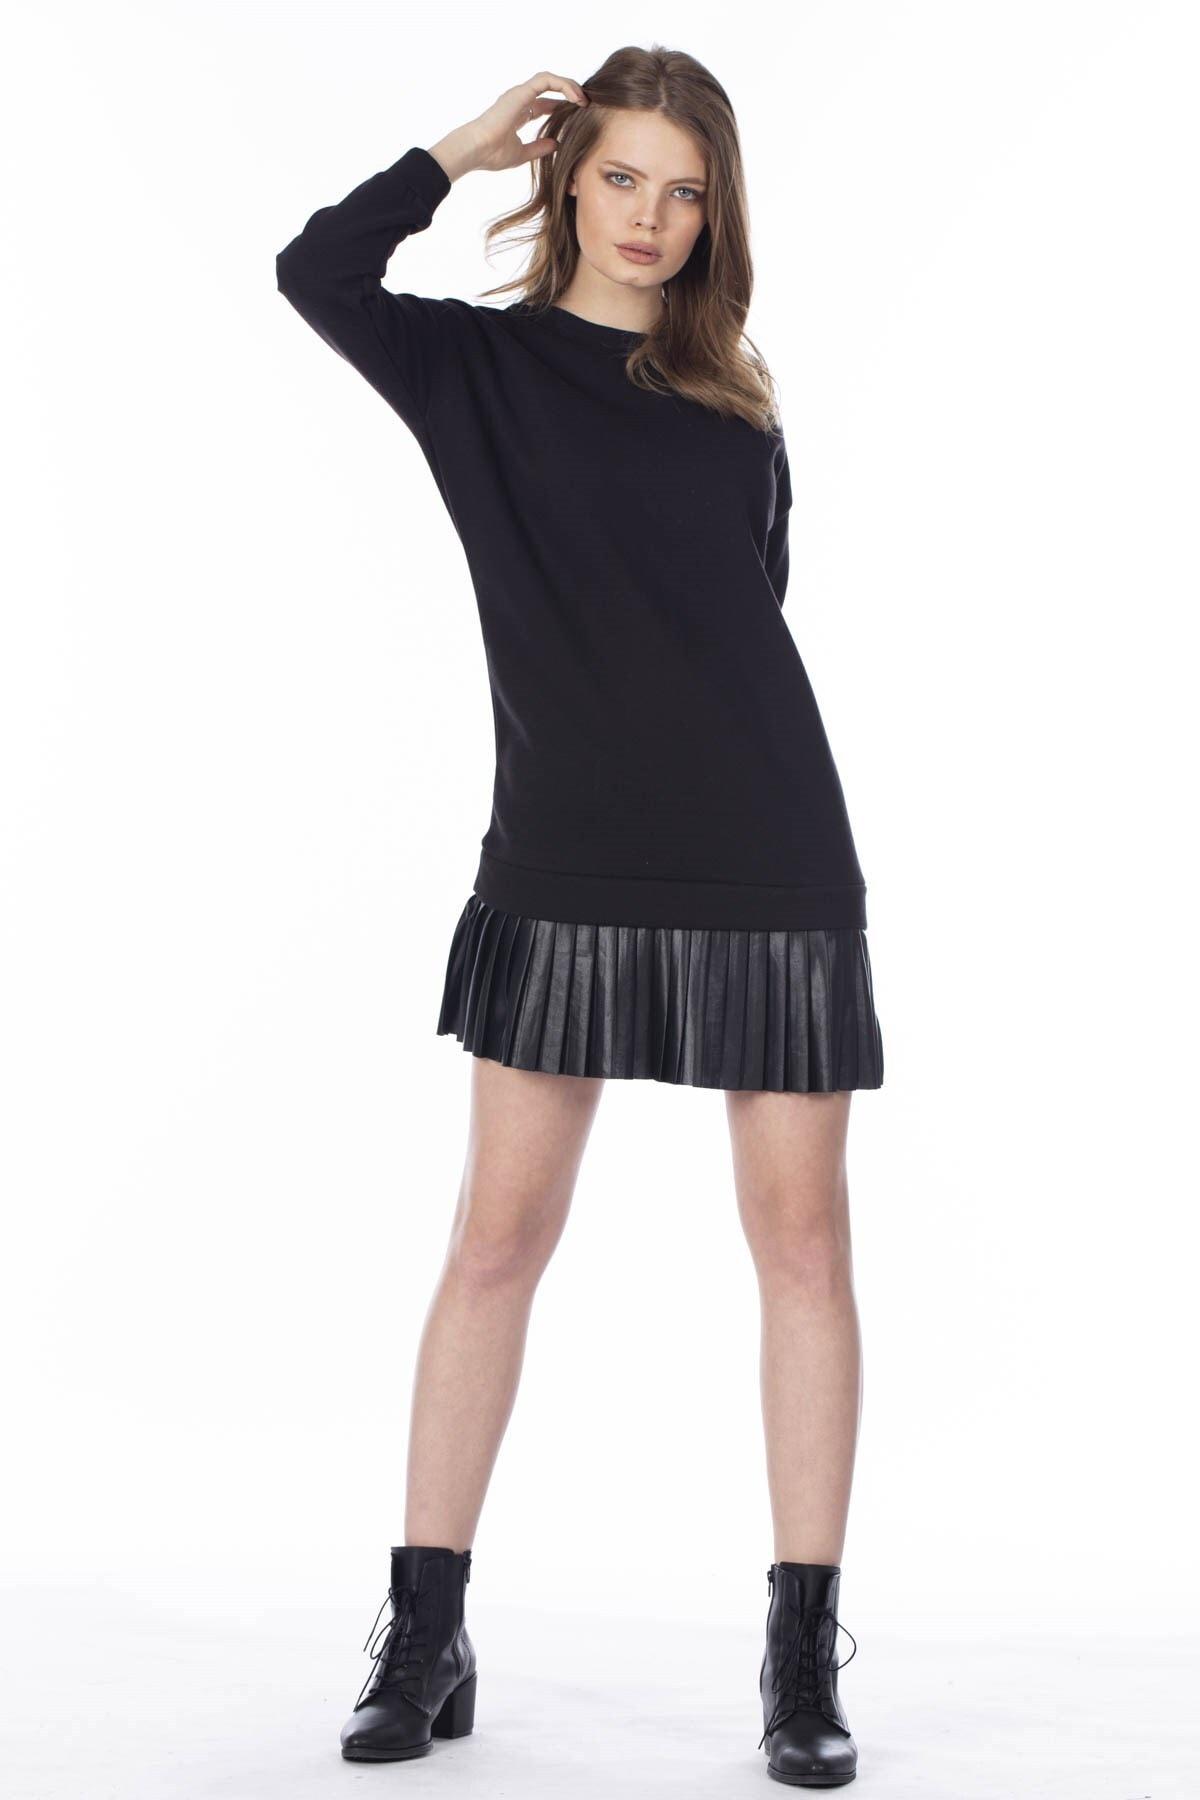 BARRELS AND OIL Kadın Siyah Eteği Derili Sweat Elbise 275-19K14002.91